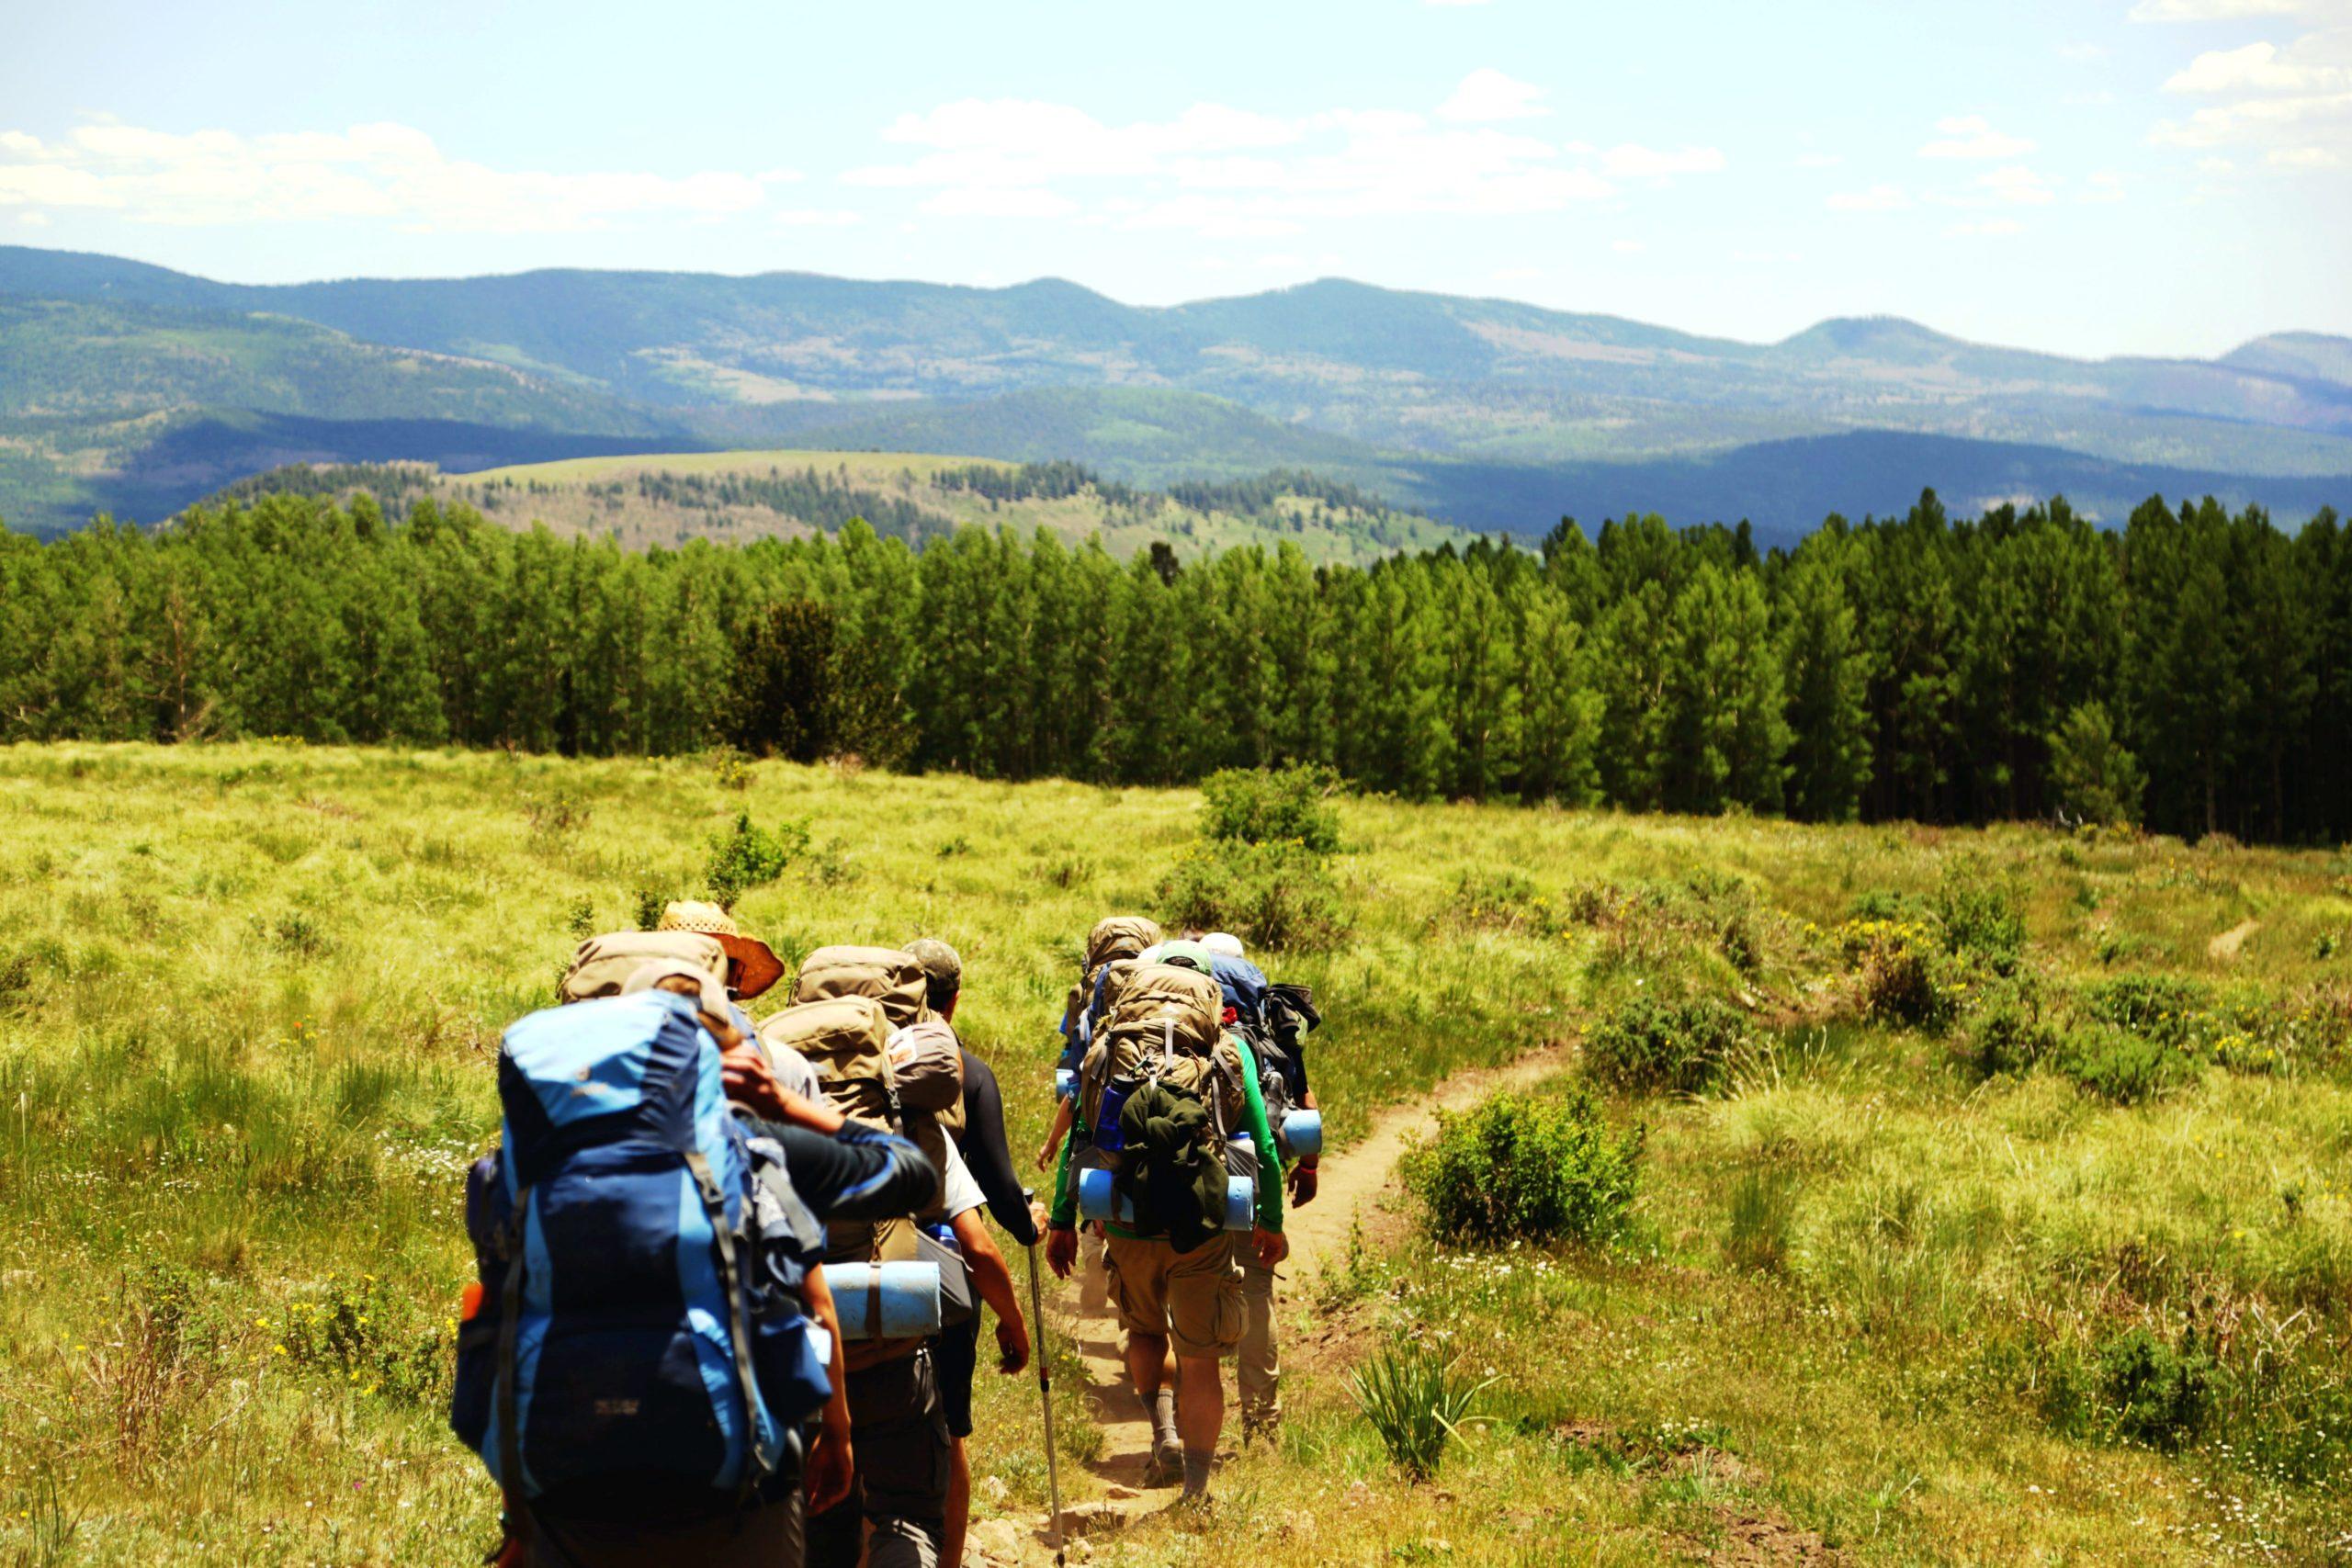 Visați la drumeţii de vară, în aerul curat al pădurilor. Satele din Ţara Făgetului vă aşteaptă